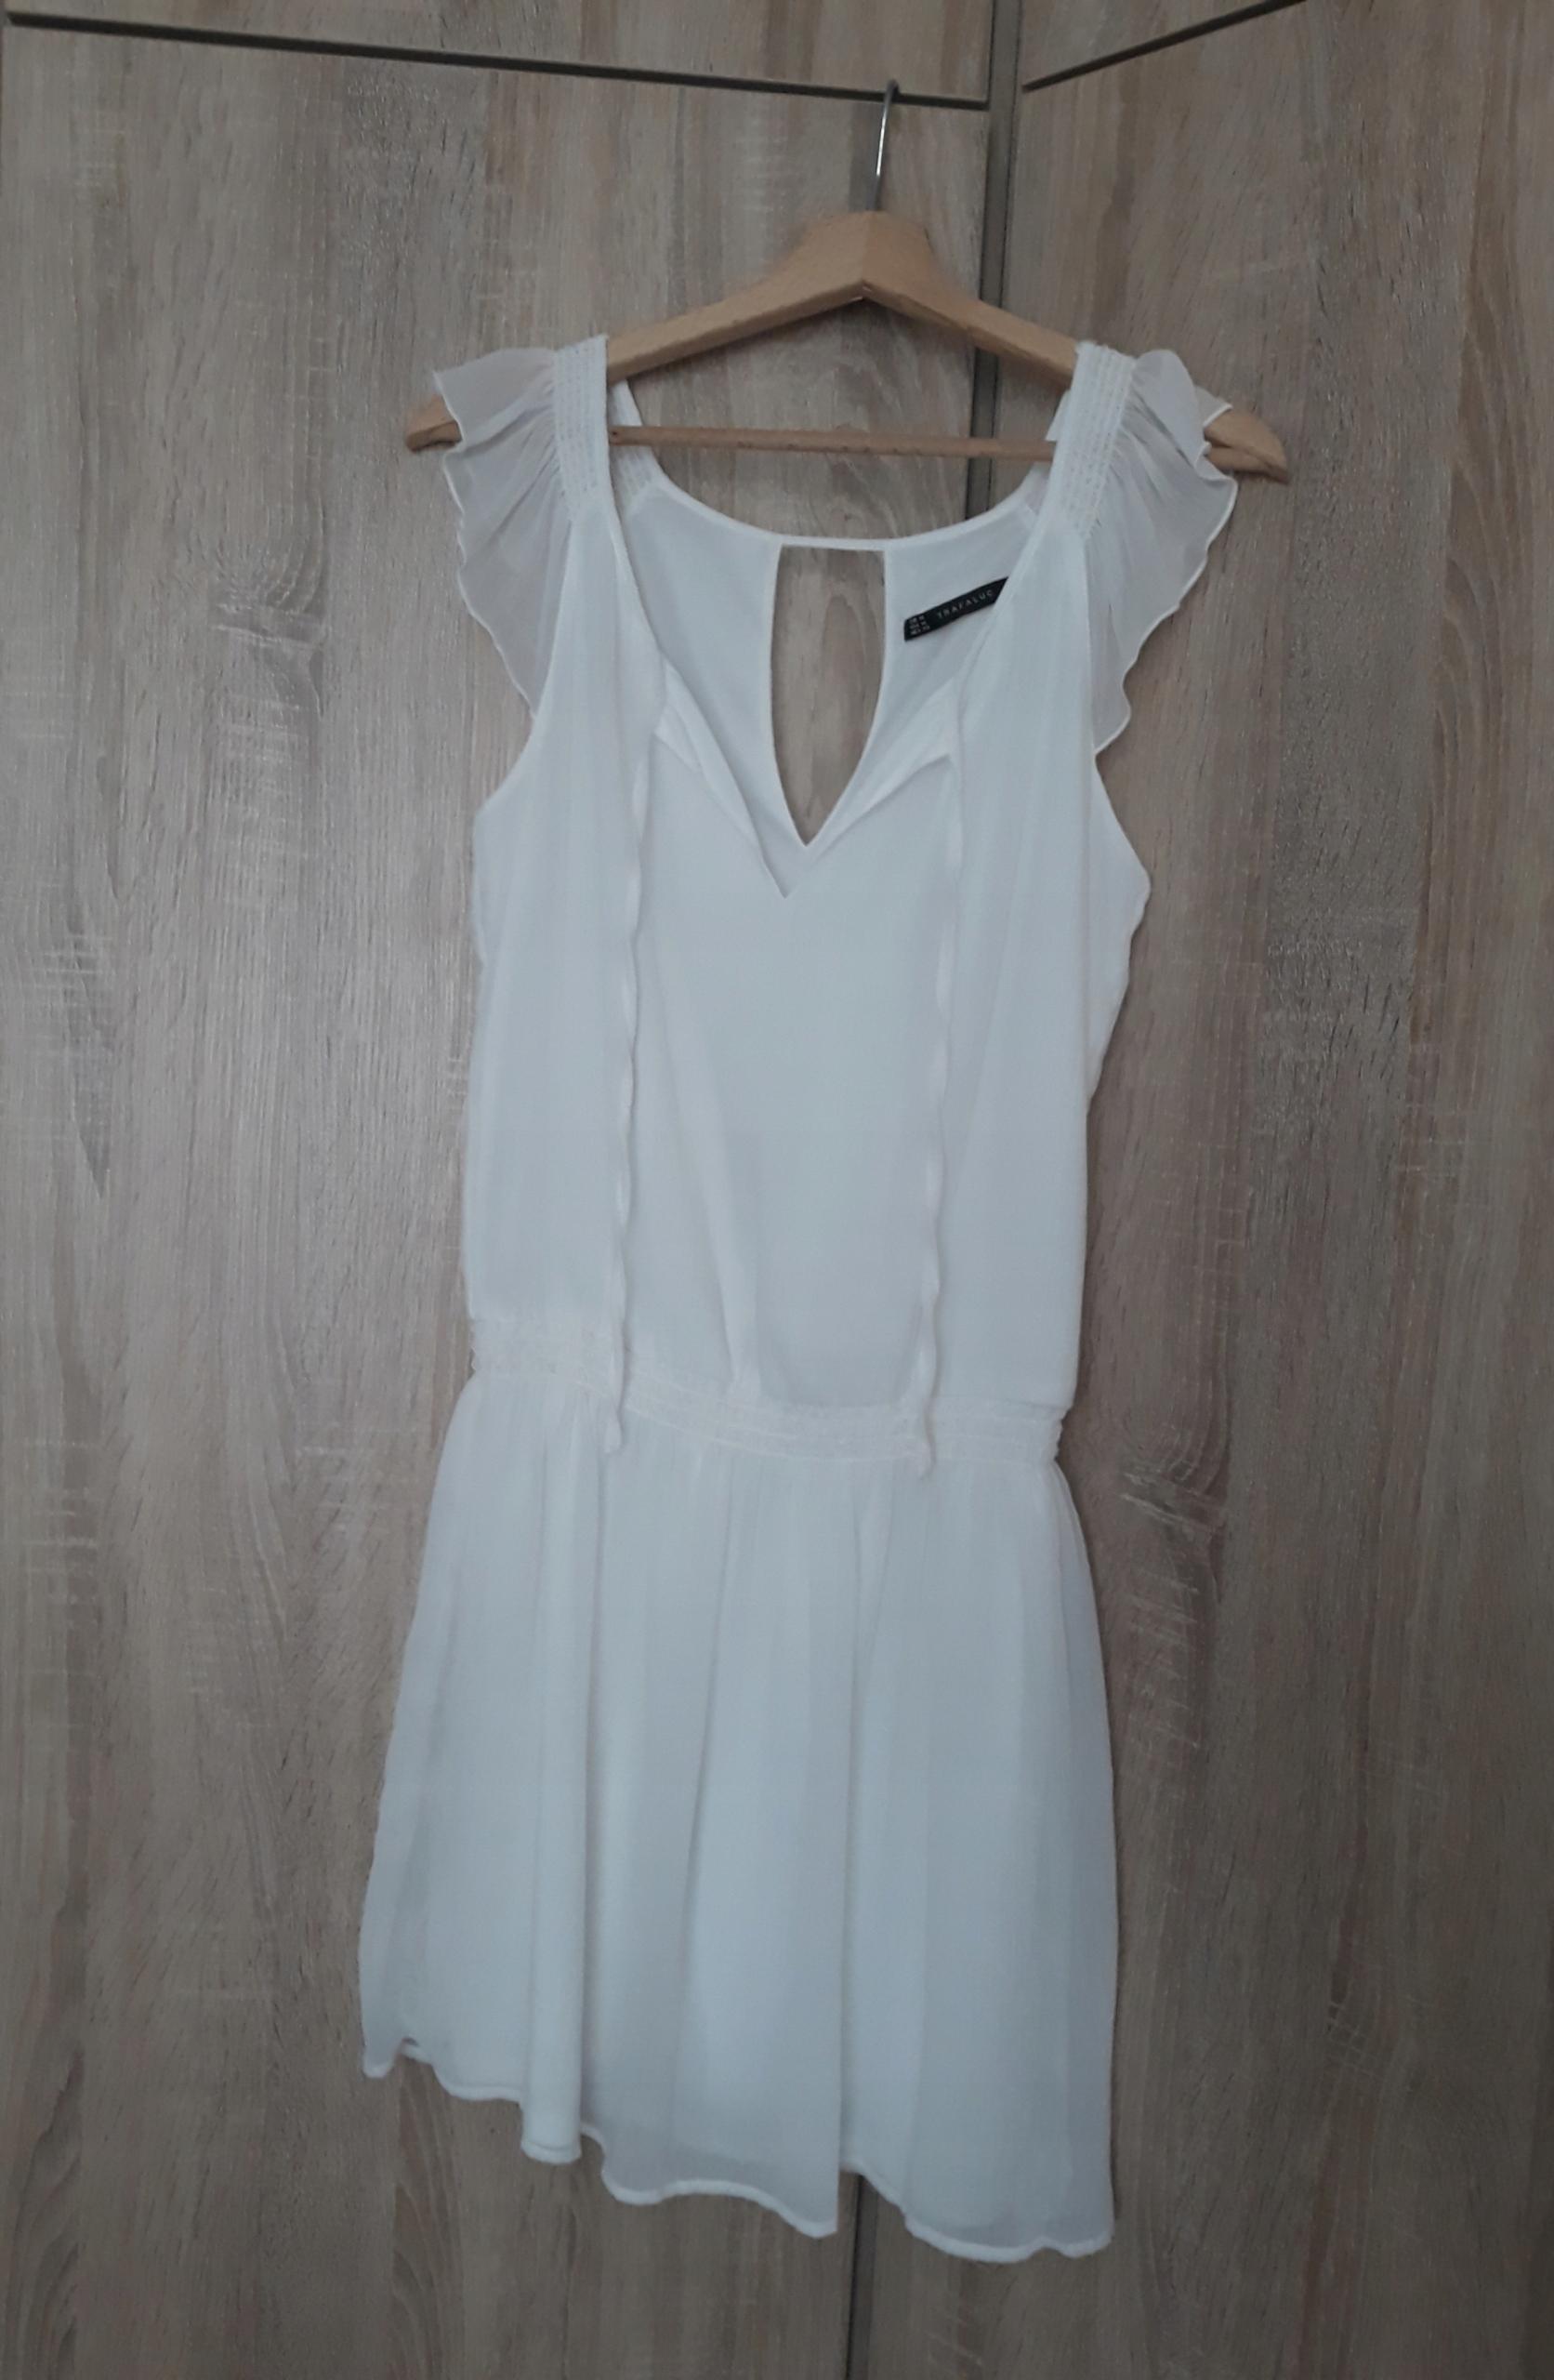 Sukienka zara zwiewna biała jak nowa 38/M